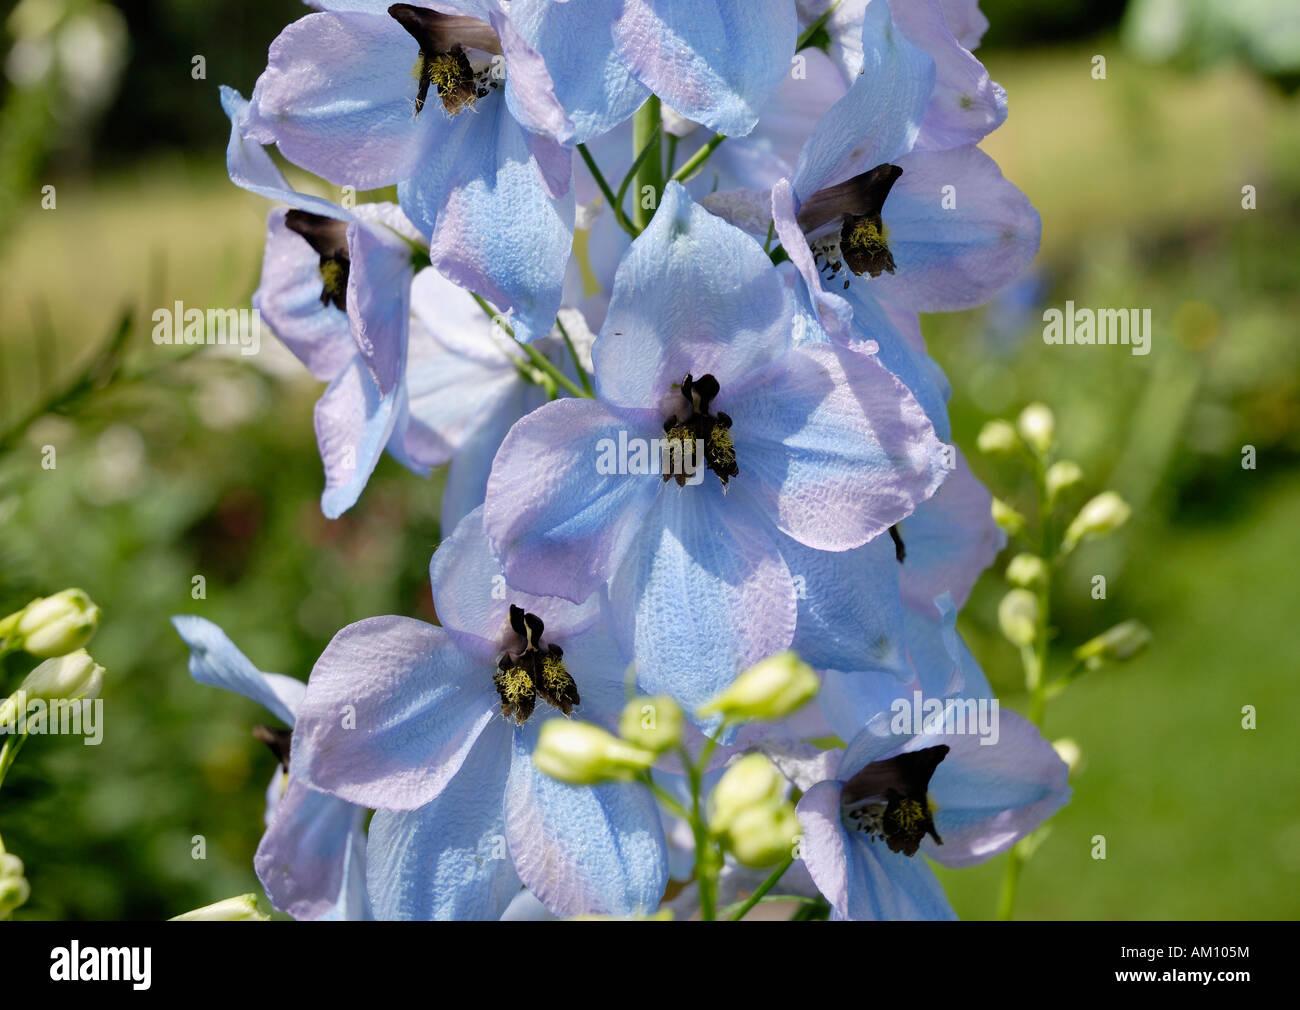 Light blue flowers of a larkspur delphinium ranunculaceae stock light blue flowers of a larkspur delphinium ranunculaceae izmirmasajfo